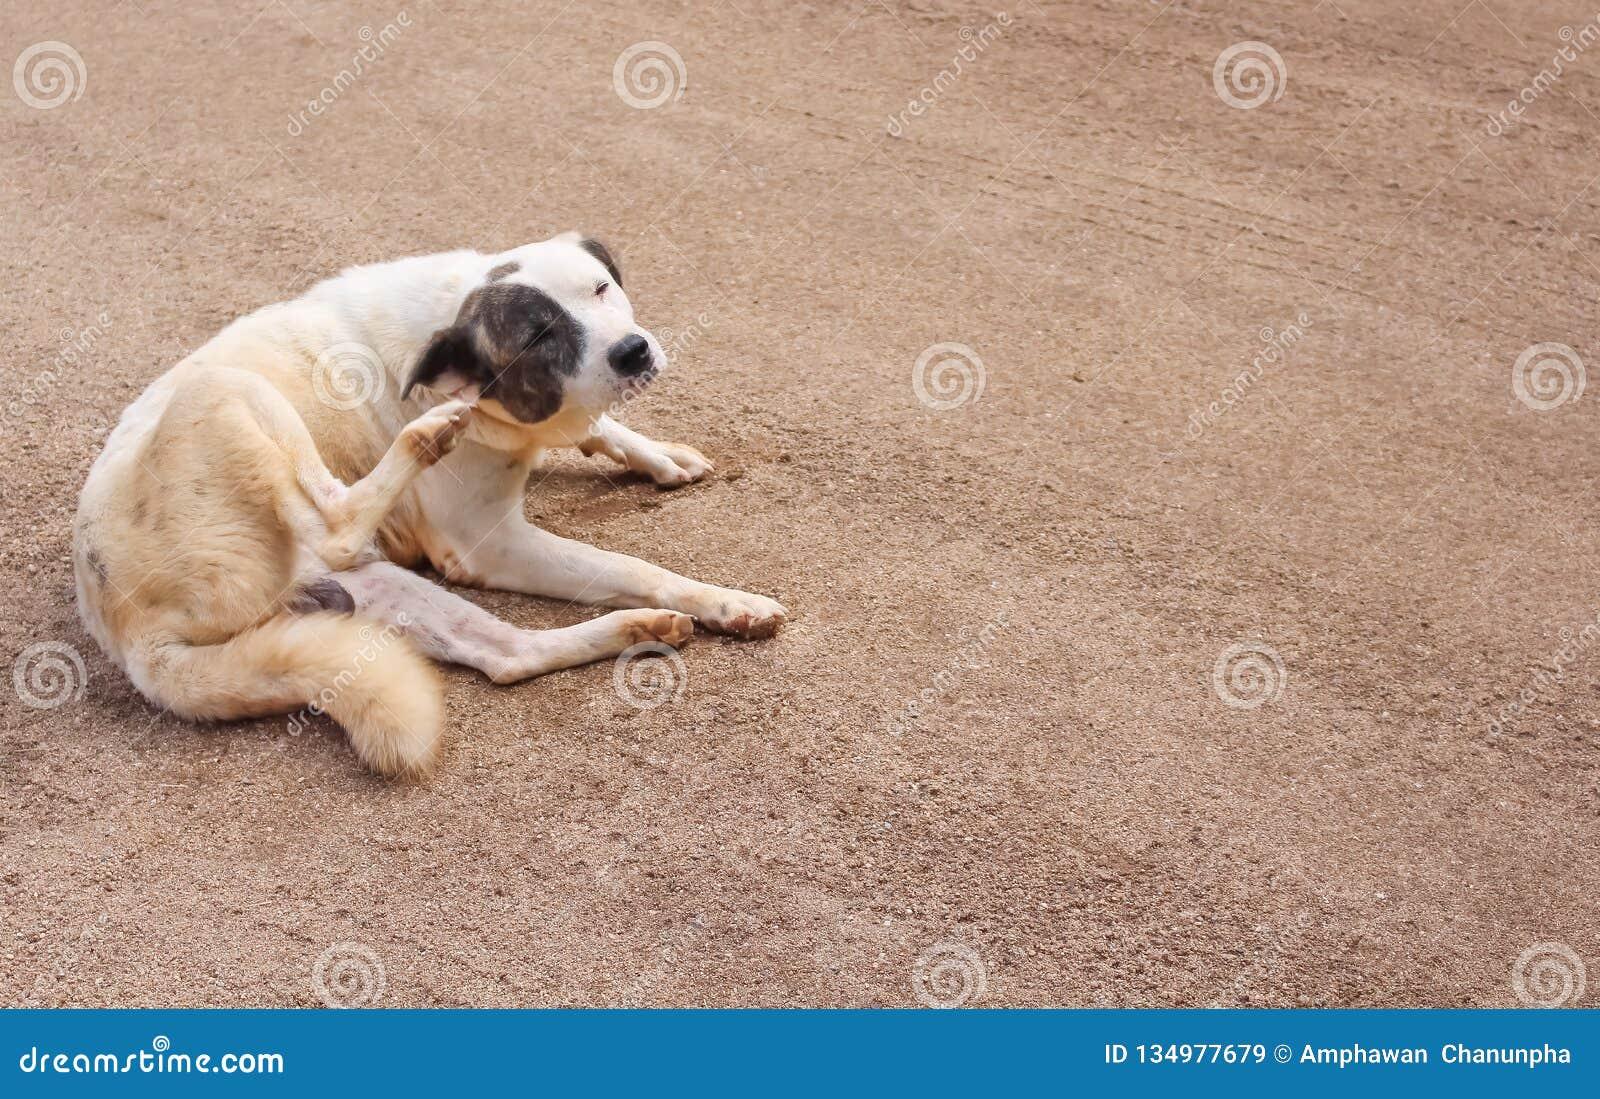 Asiatisk hund som sitter och skrapar hans öra på sandgolvbakgrund